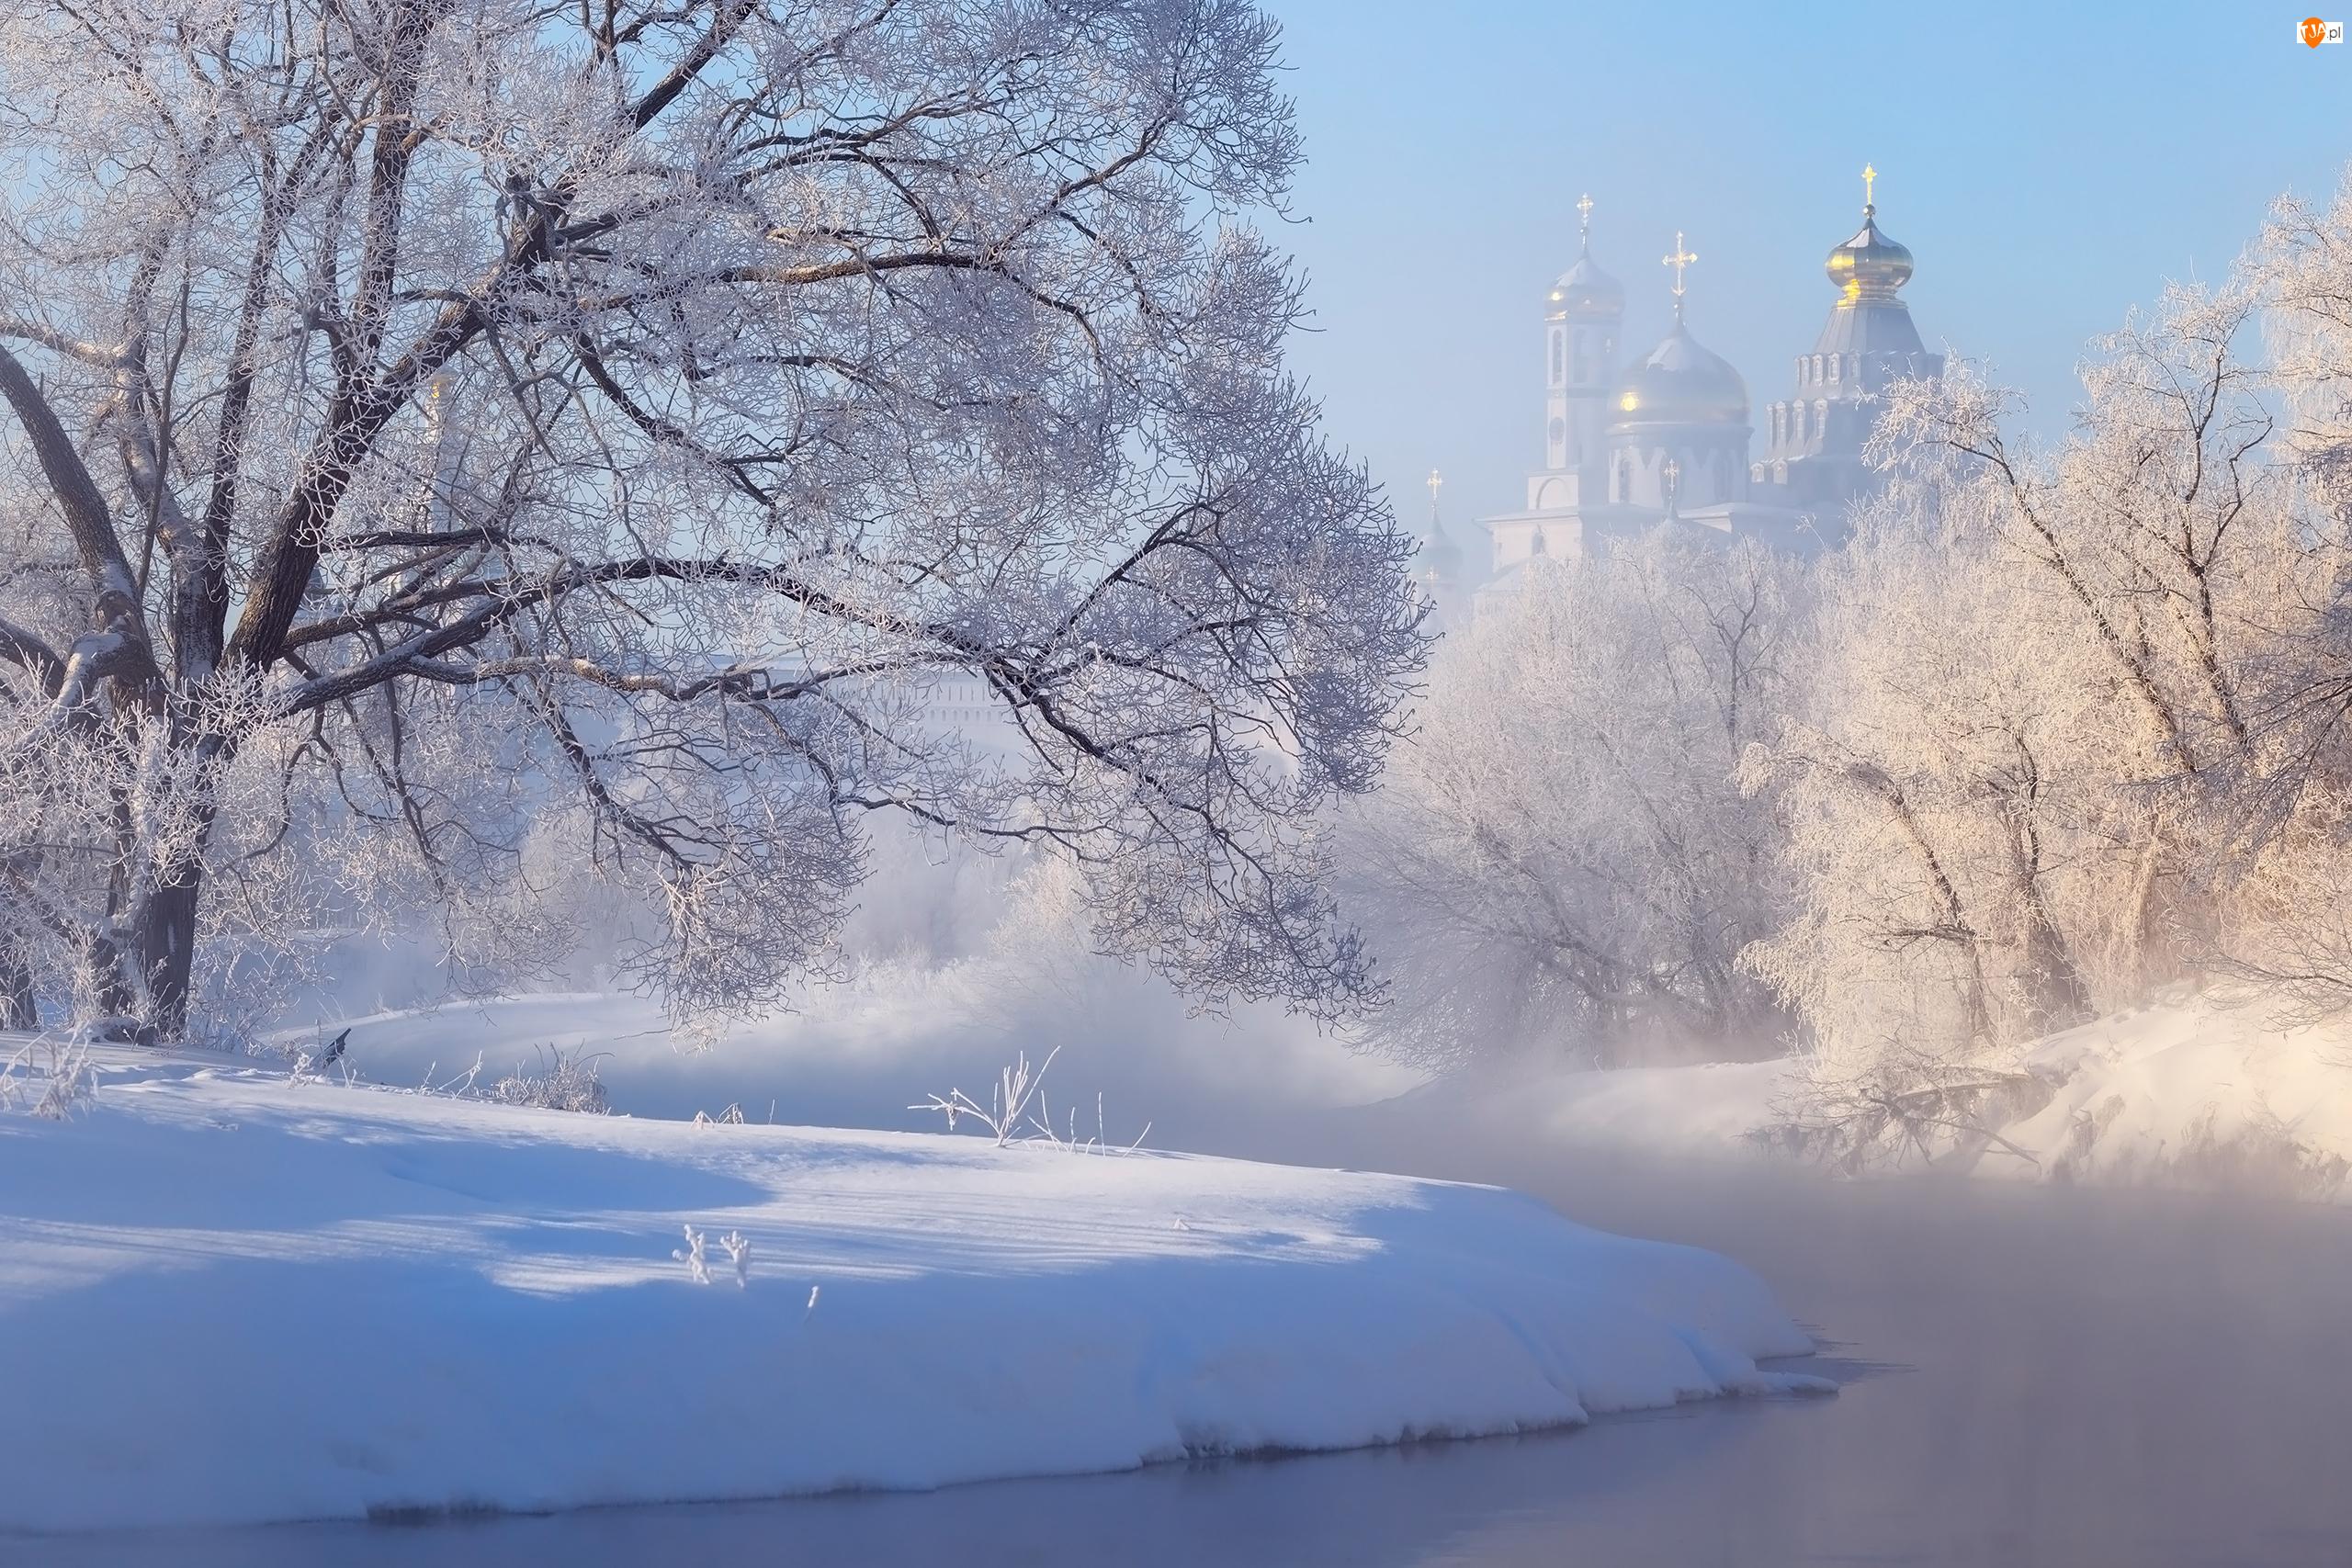 Rosja, Mgła, Rzeka Istra, Drzewa, Cerkiew, Zima, Nowe Jeruzalem, Monaster Zmartwychwstania Pańskiego, Ośnieżone, Obwód moskiewski